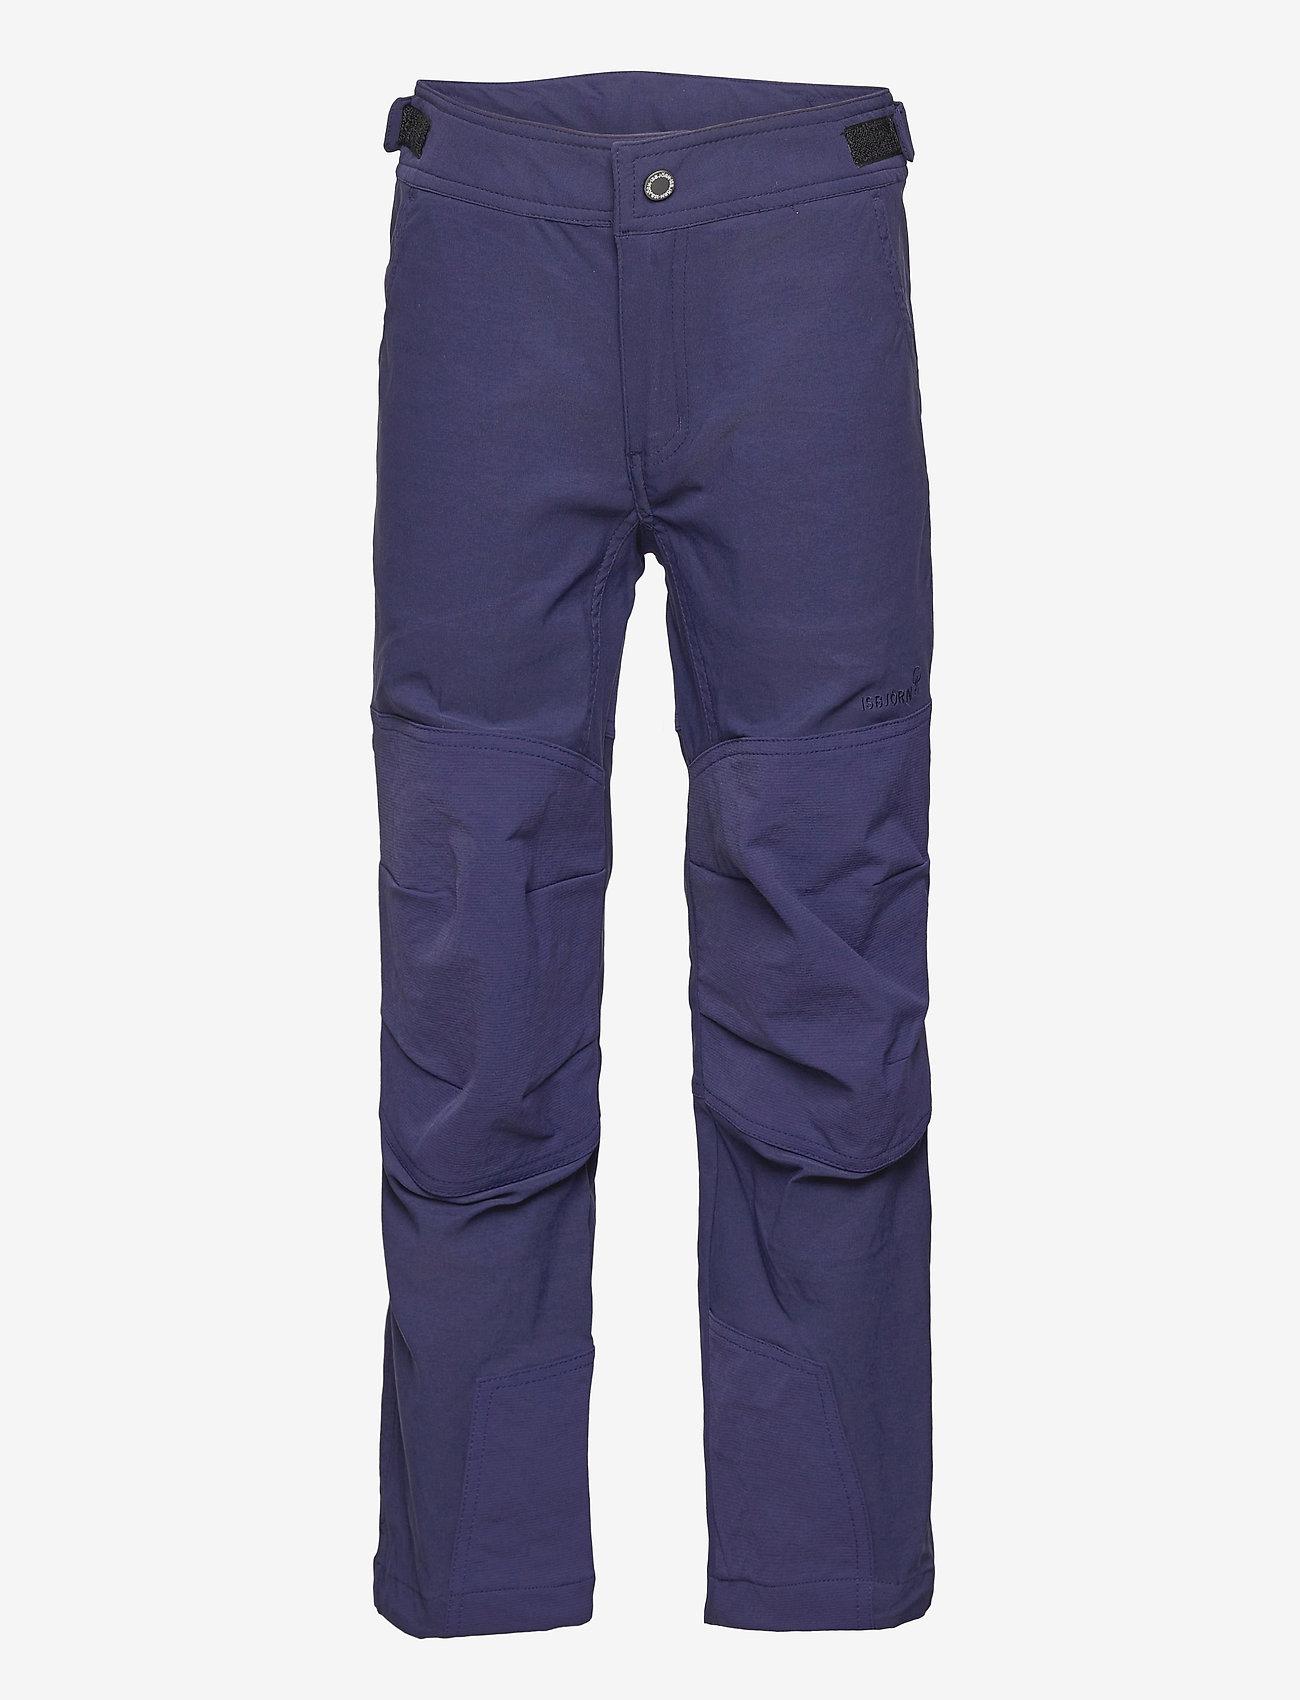 ISBJÖRN of Sweden - TRAPPER Pant II - shell & rain pants - navy - 0